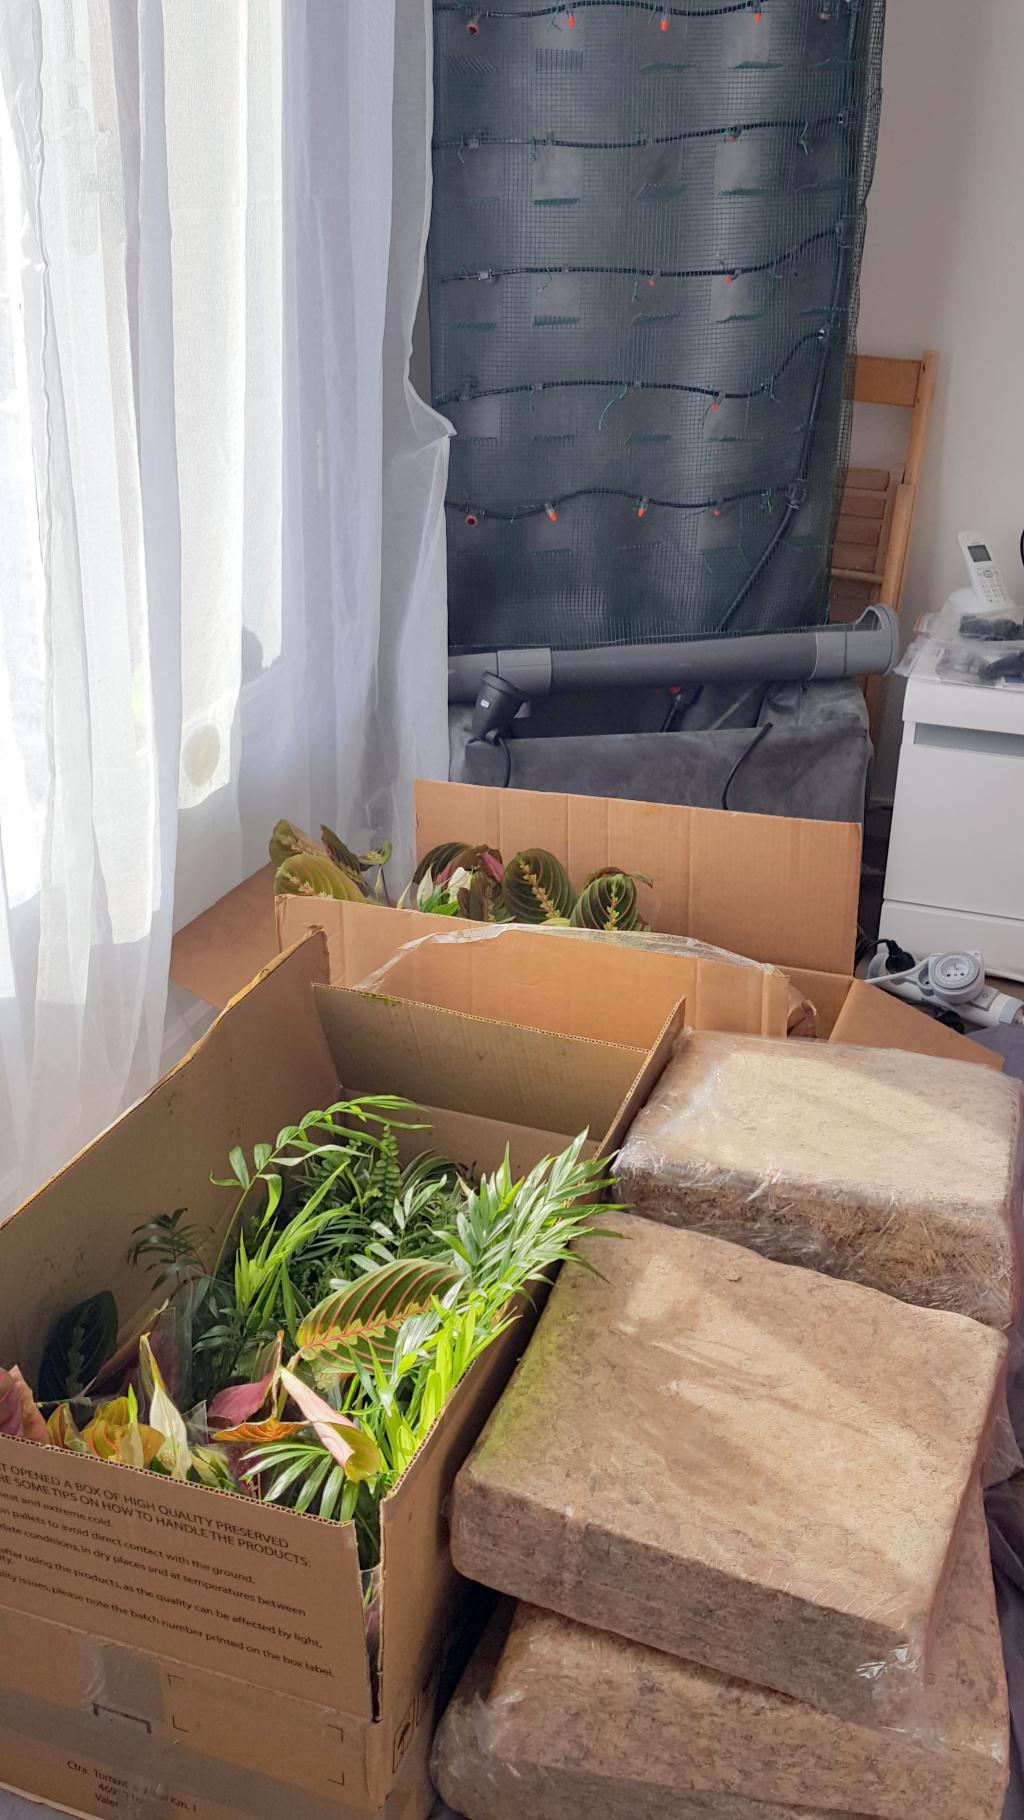 Plants et sphaigne 2 mars 17